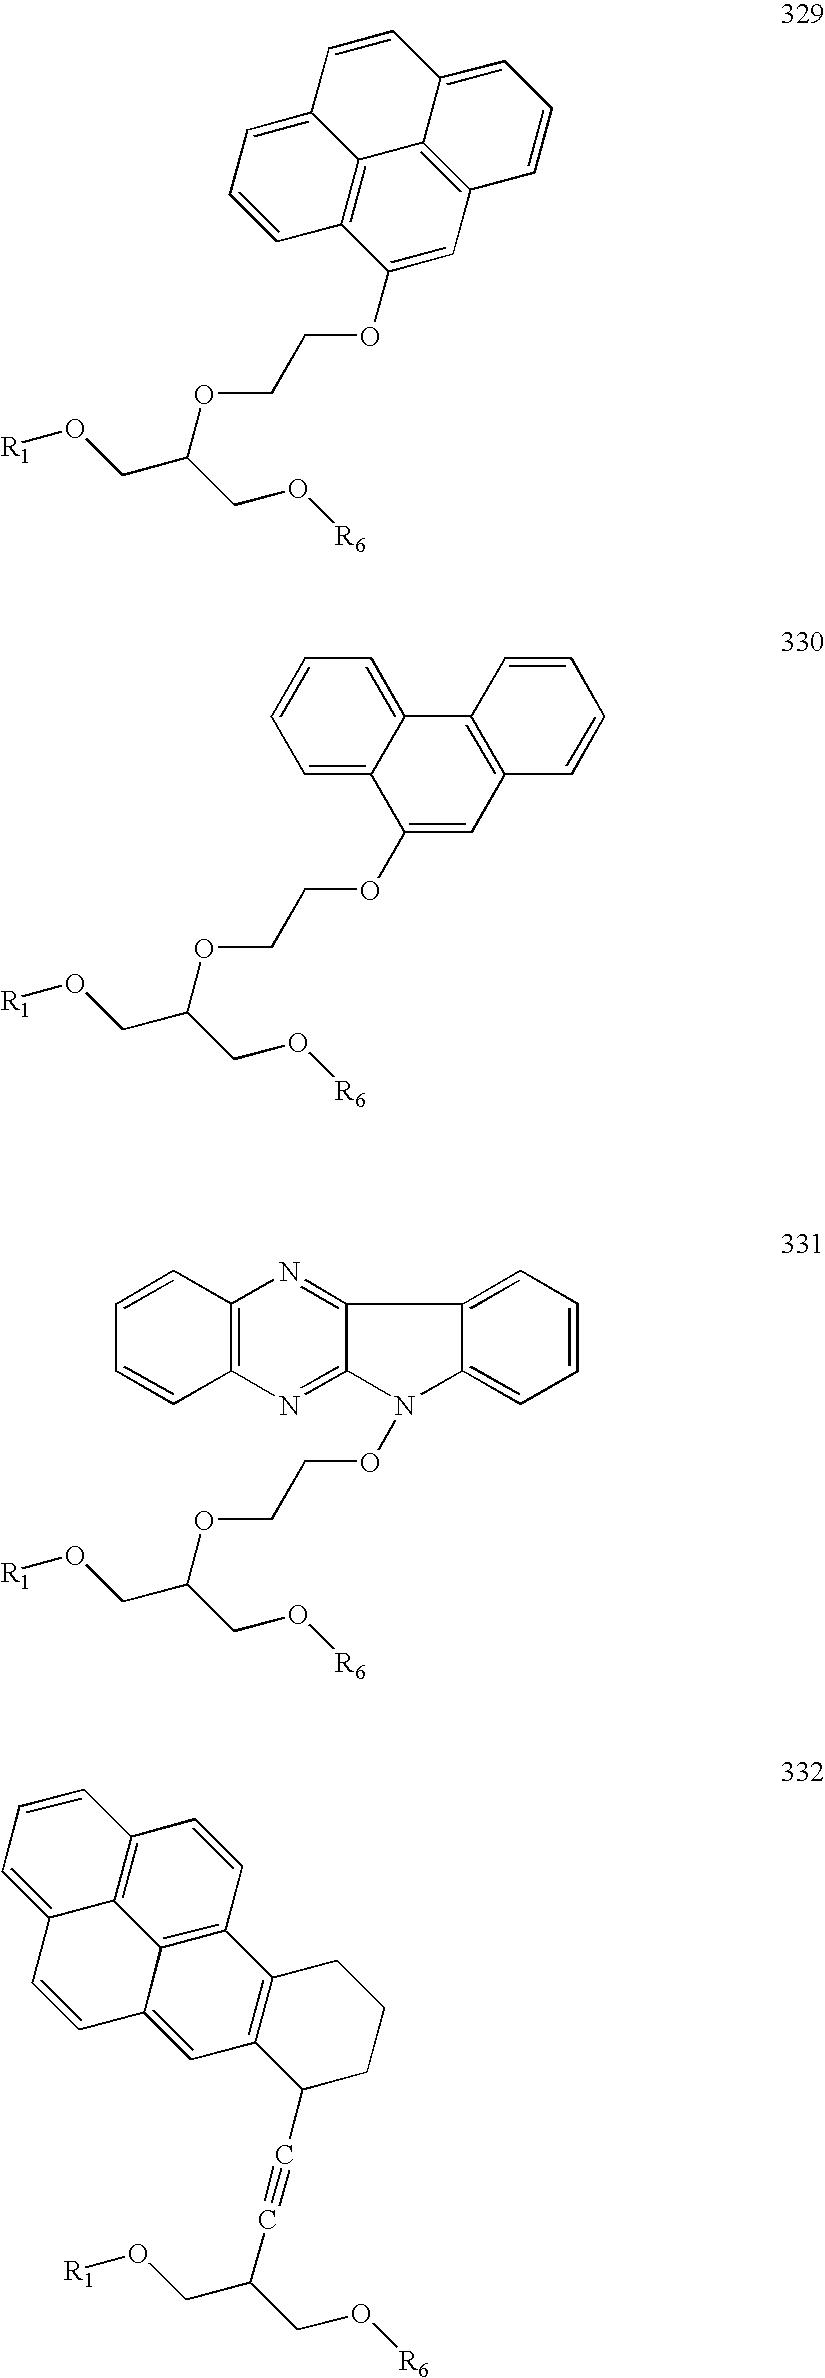 Figure US20060014144A1-20060119-C00161